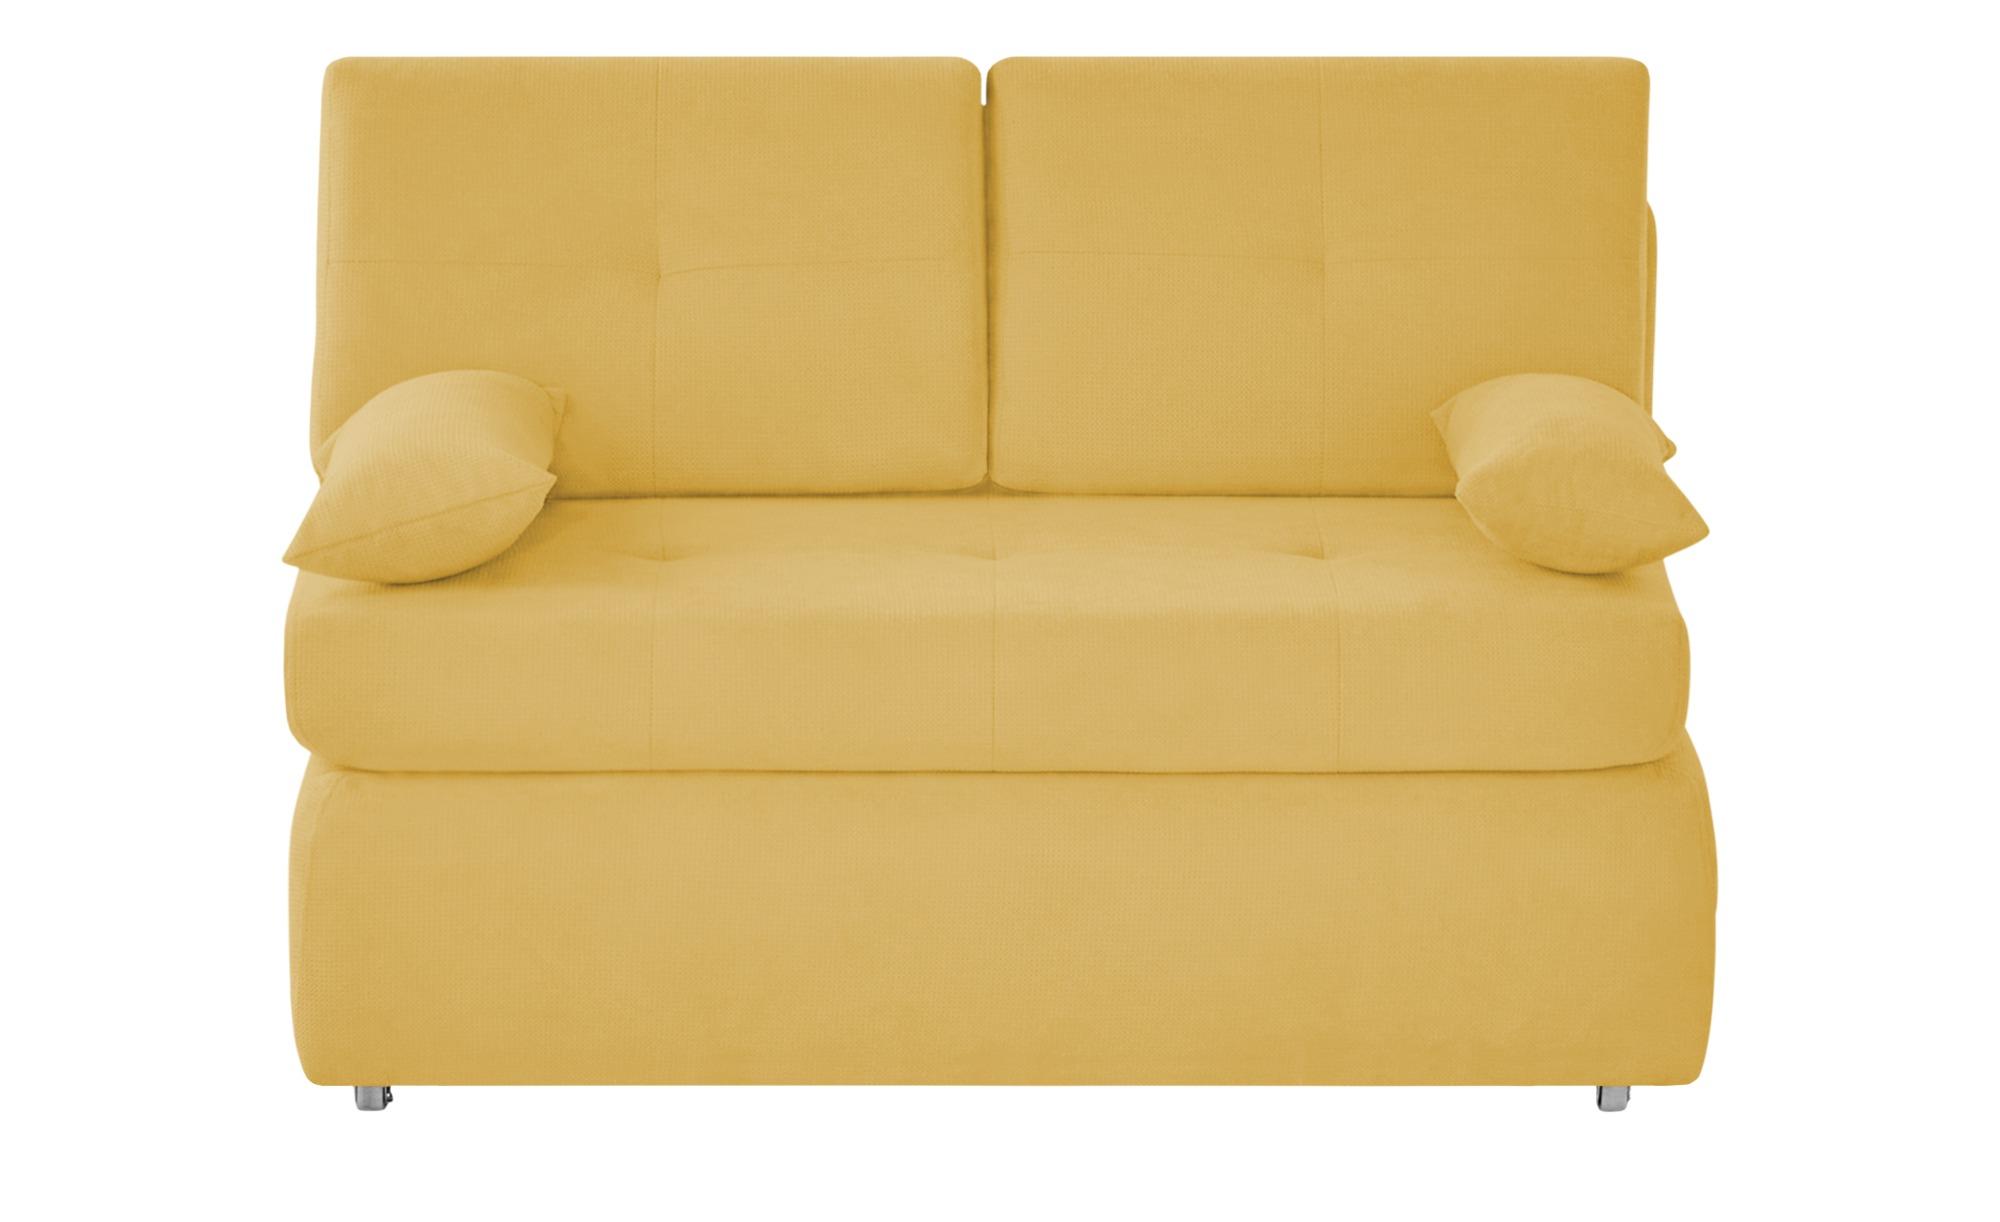 Schlafsofa  Sabina ¦ gelb ¦ Maße (cm): B: 123 H: 90 T: 91 Polstermöbel > Sofas > Einzelsofas - Höffner